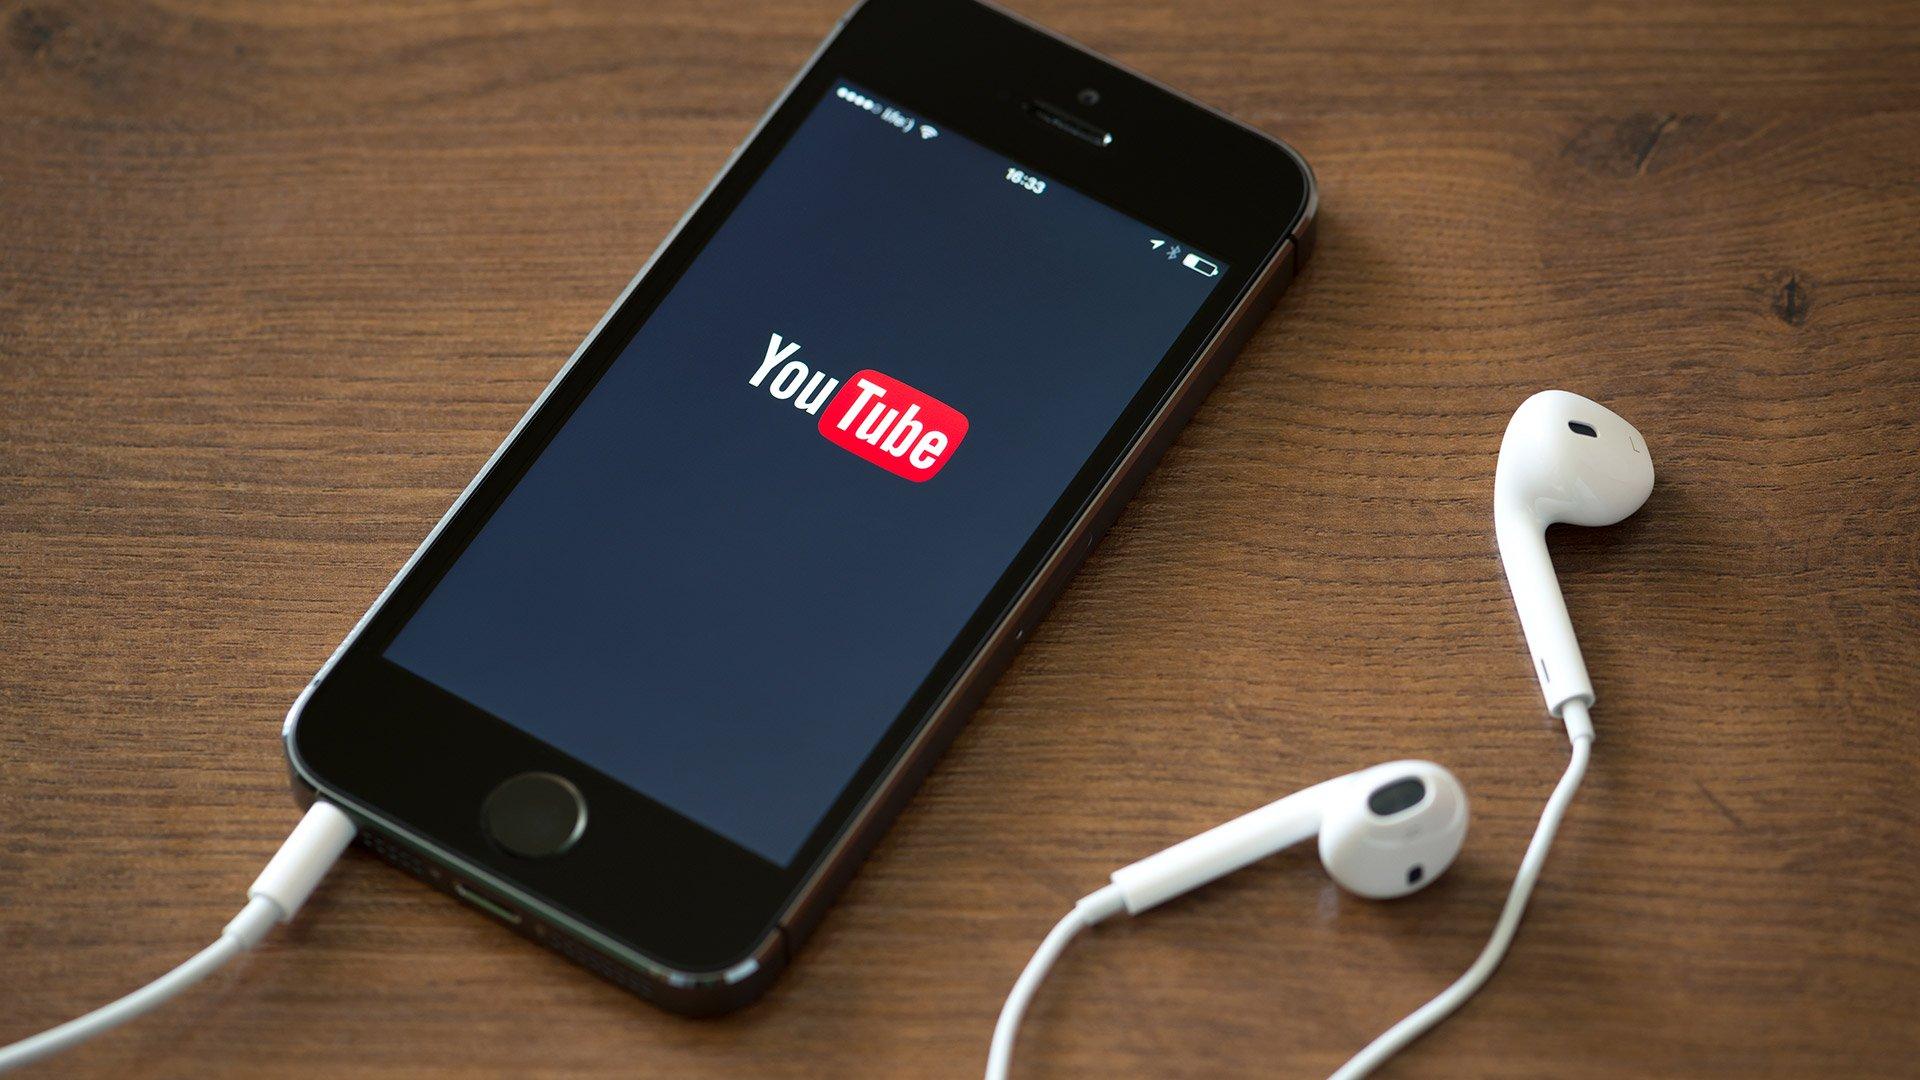 Chỉ số mới YouTube Âm nhạc là cách phổ biến hơn bạn có thể nghĩ 2